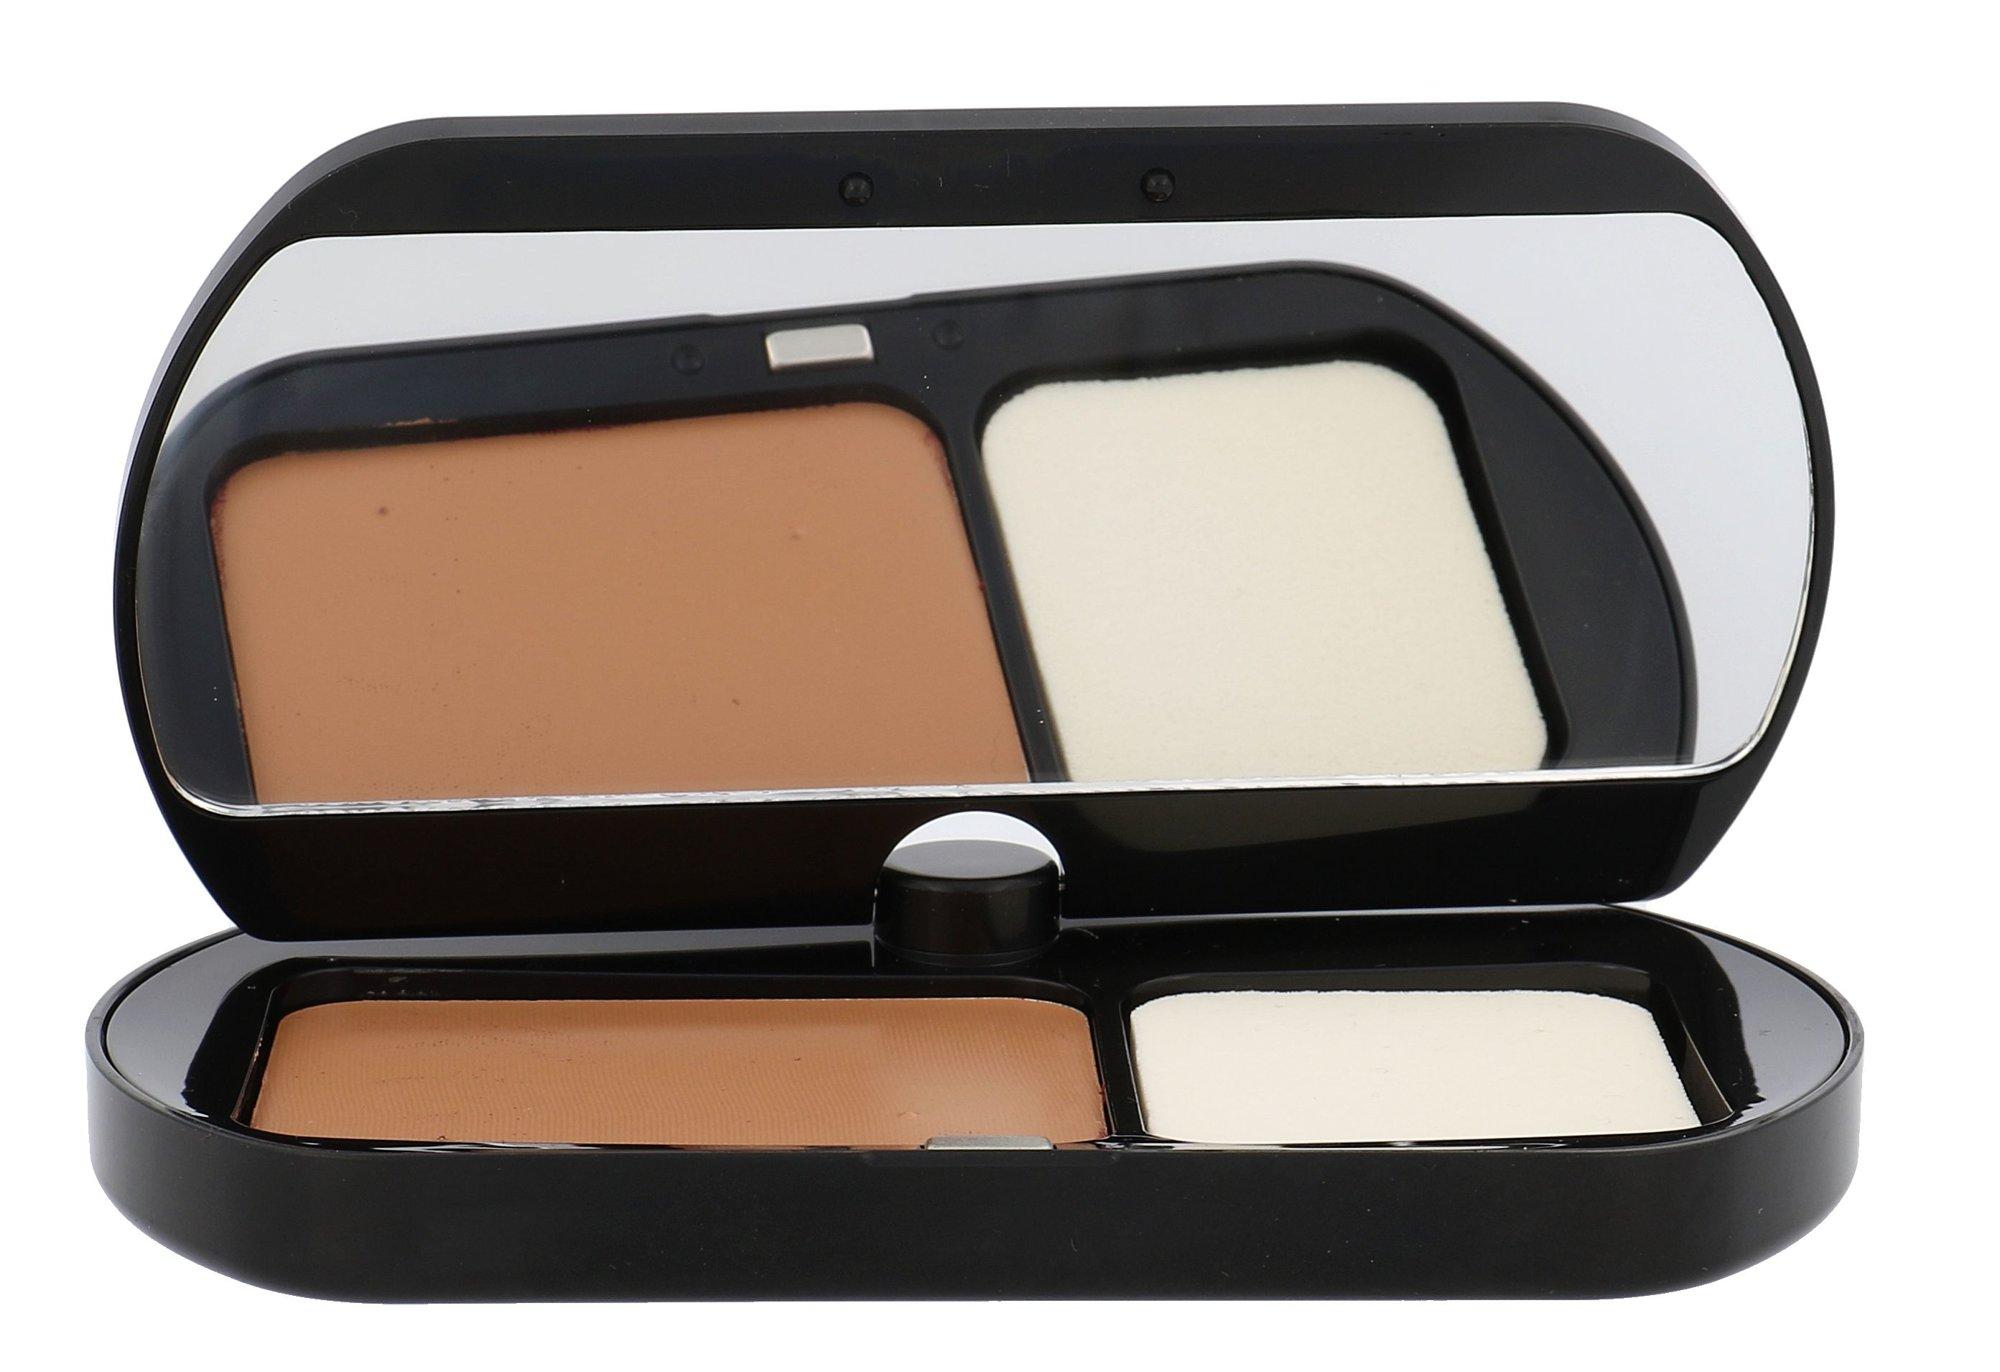 BOURJOIS Paris BB Cream Cosmetic 6ml 24 Light Bronze